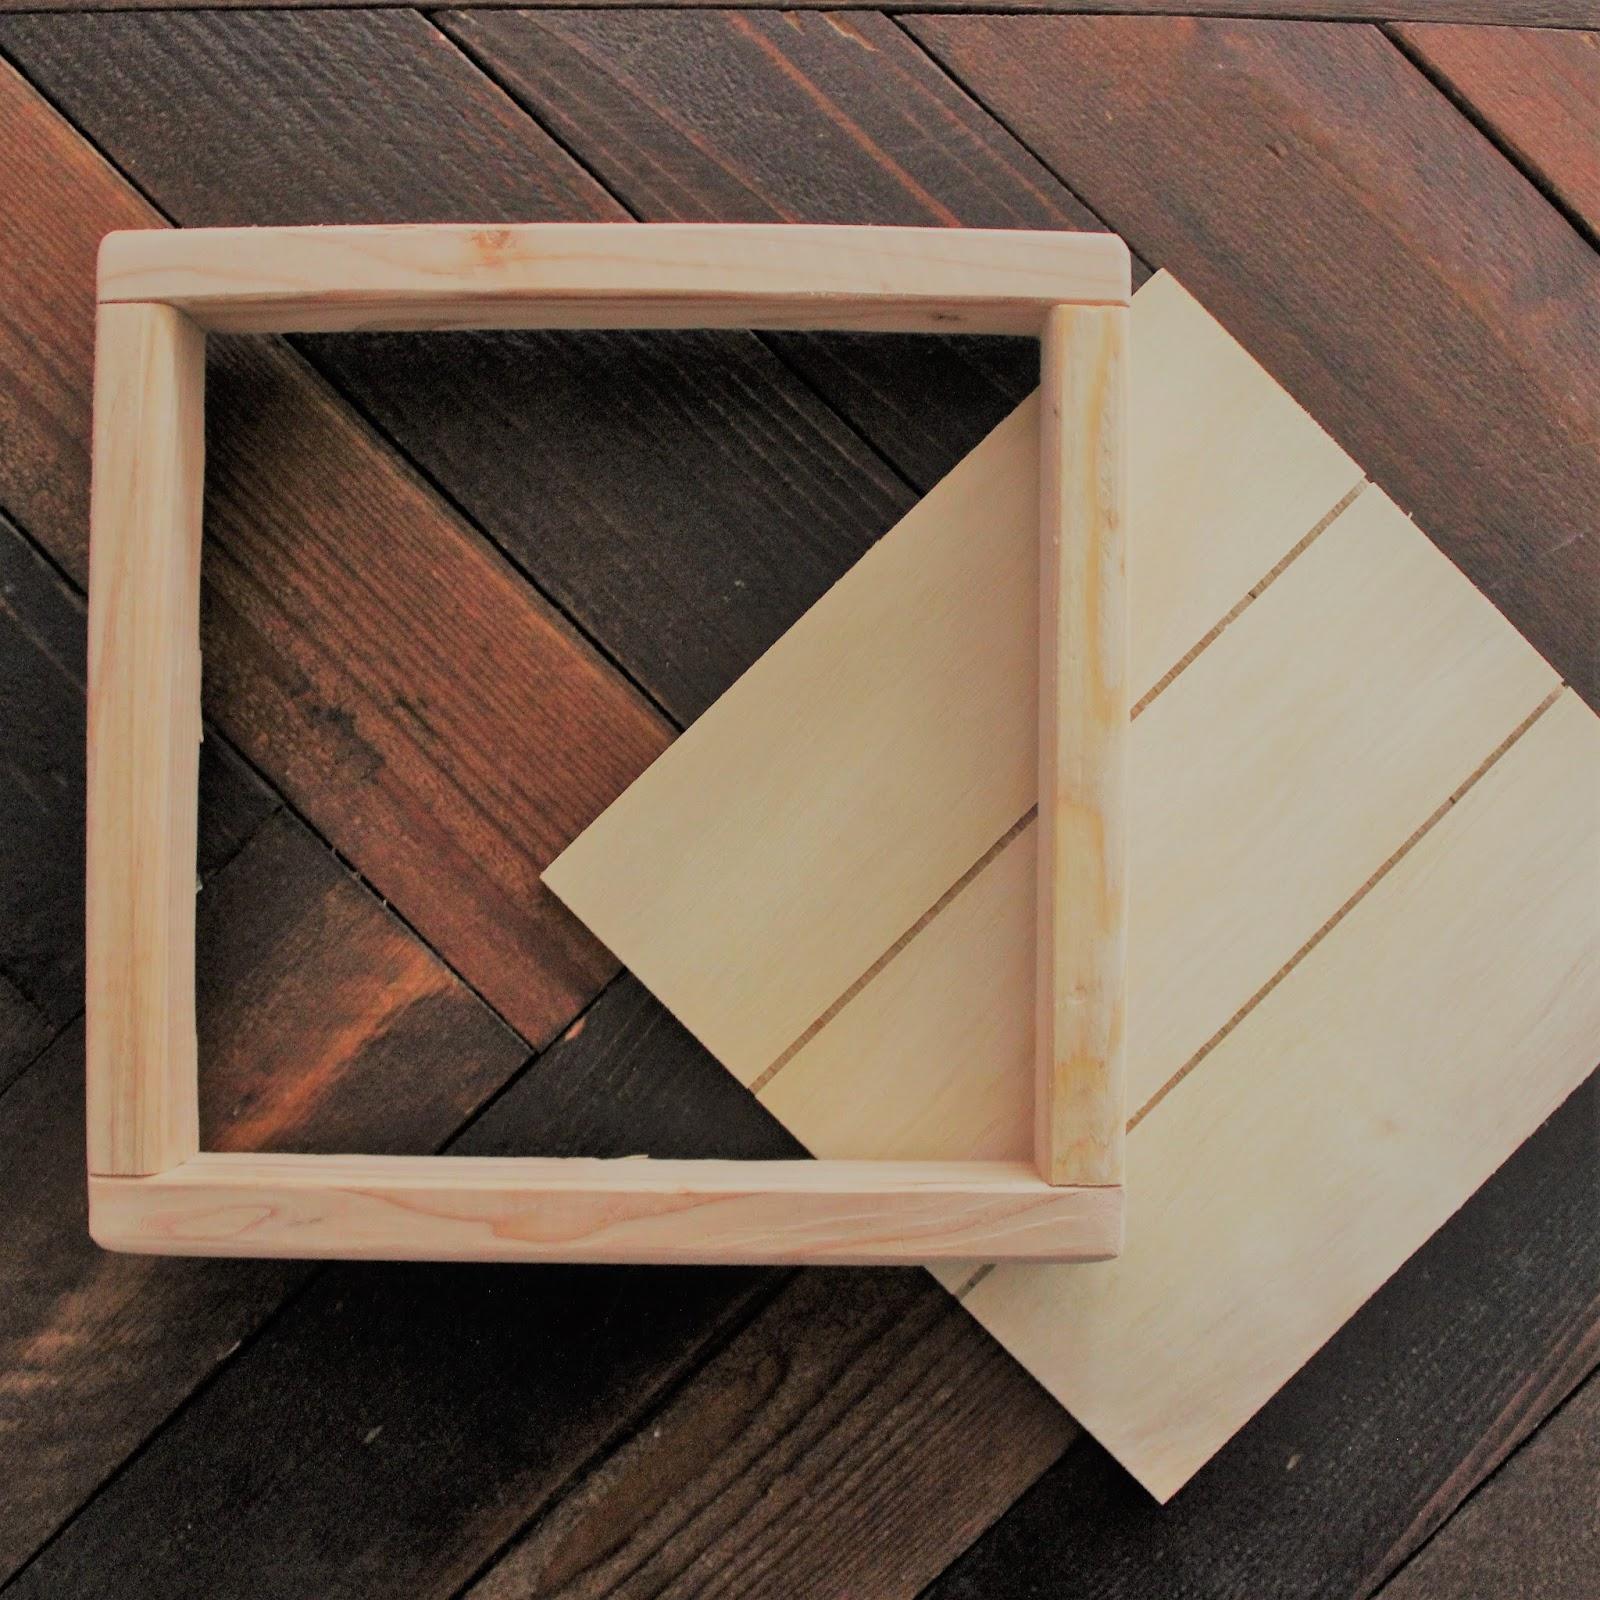 Tweetle Dee Design Co.: Framed Barn Quilt Kits